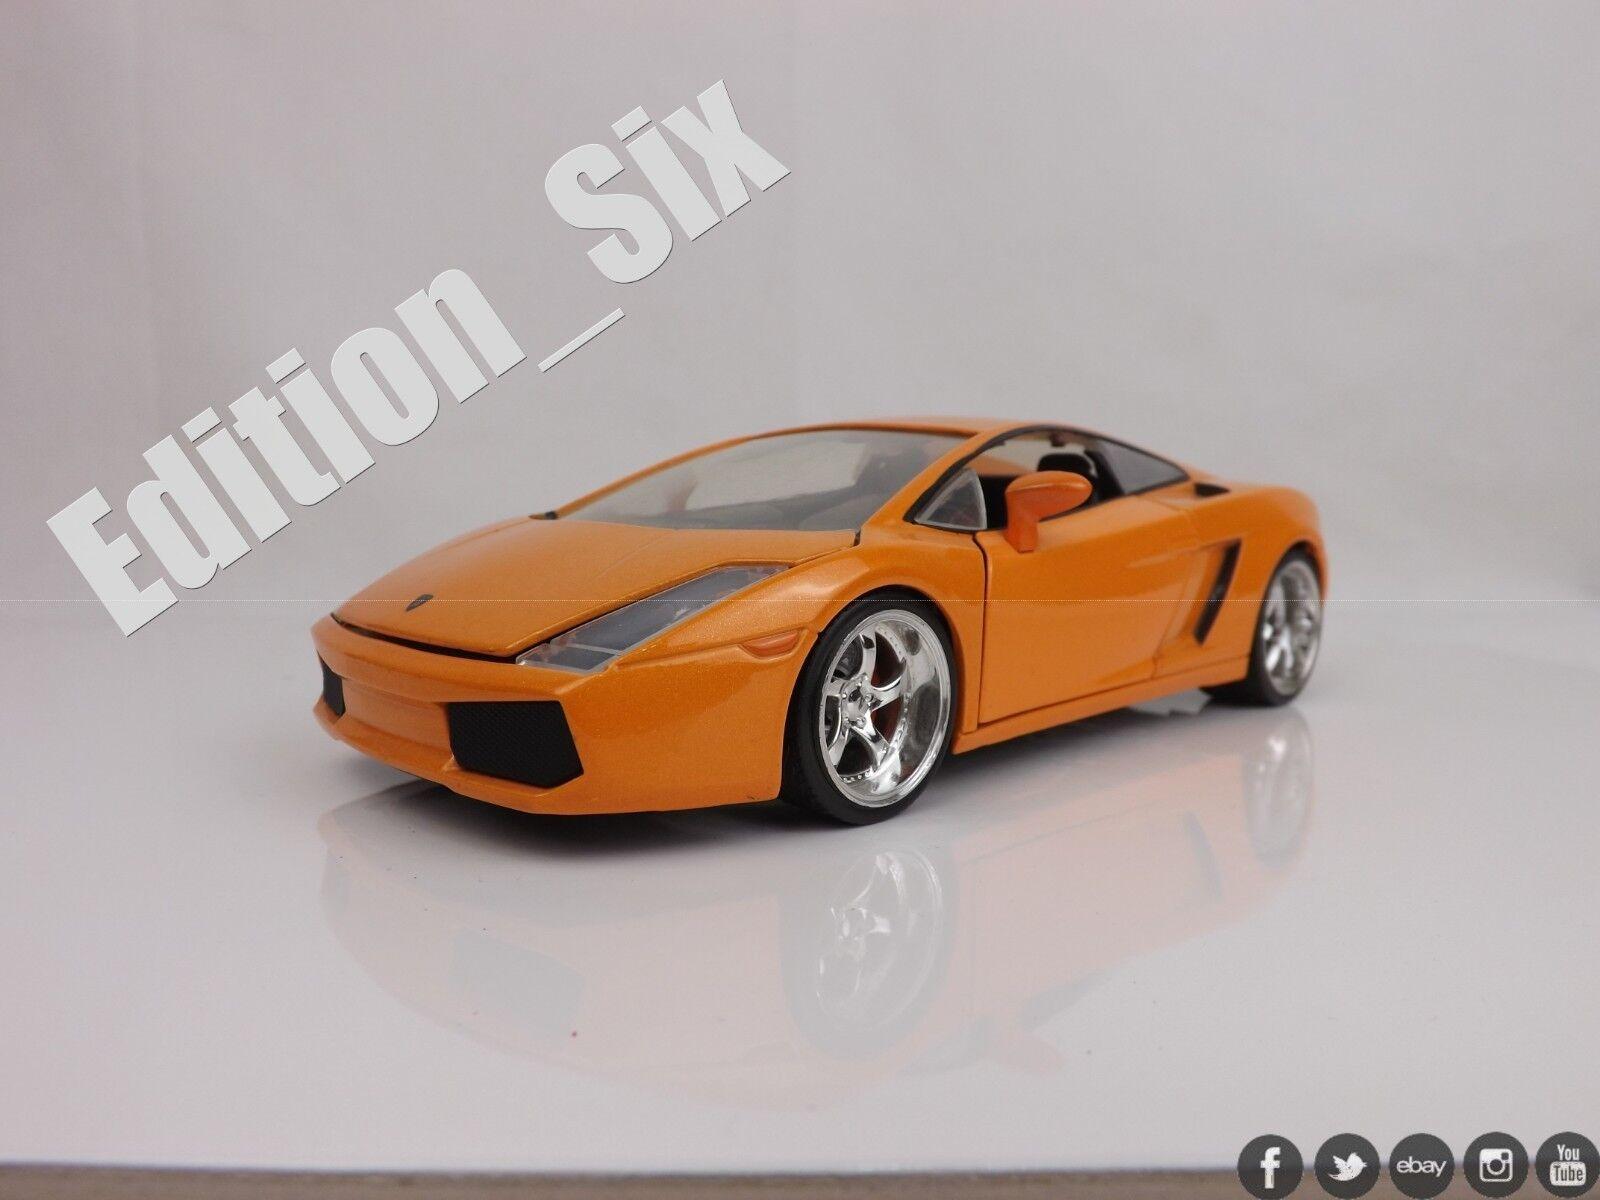 Jada toys 1 24 LAMBORGHINI GALLARDO Super Sports car model